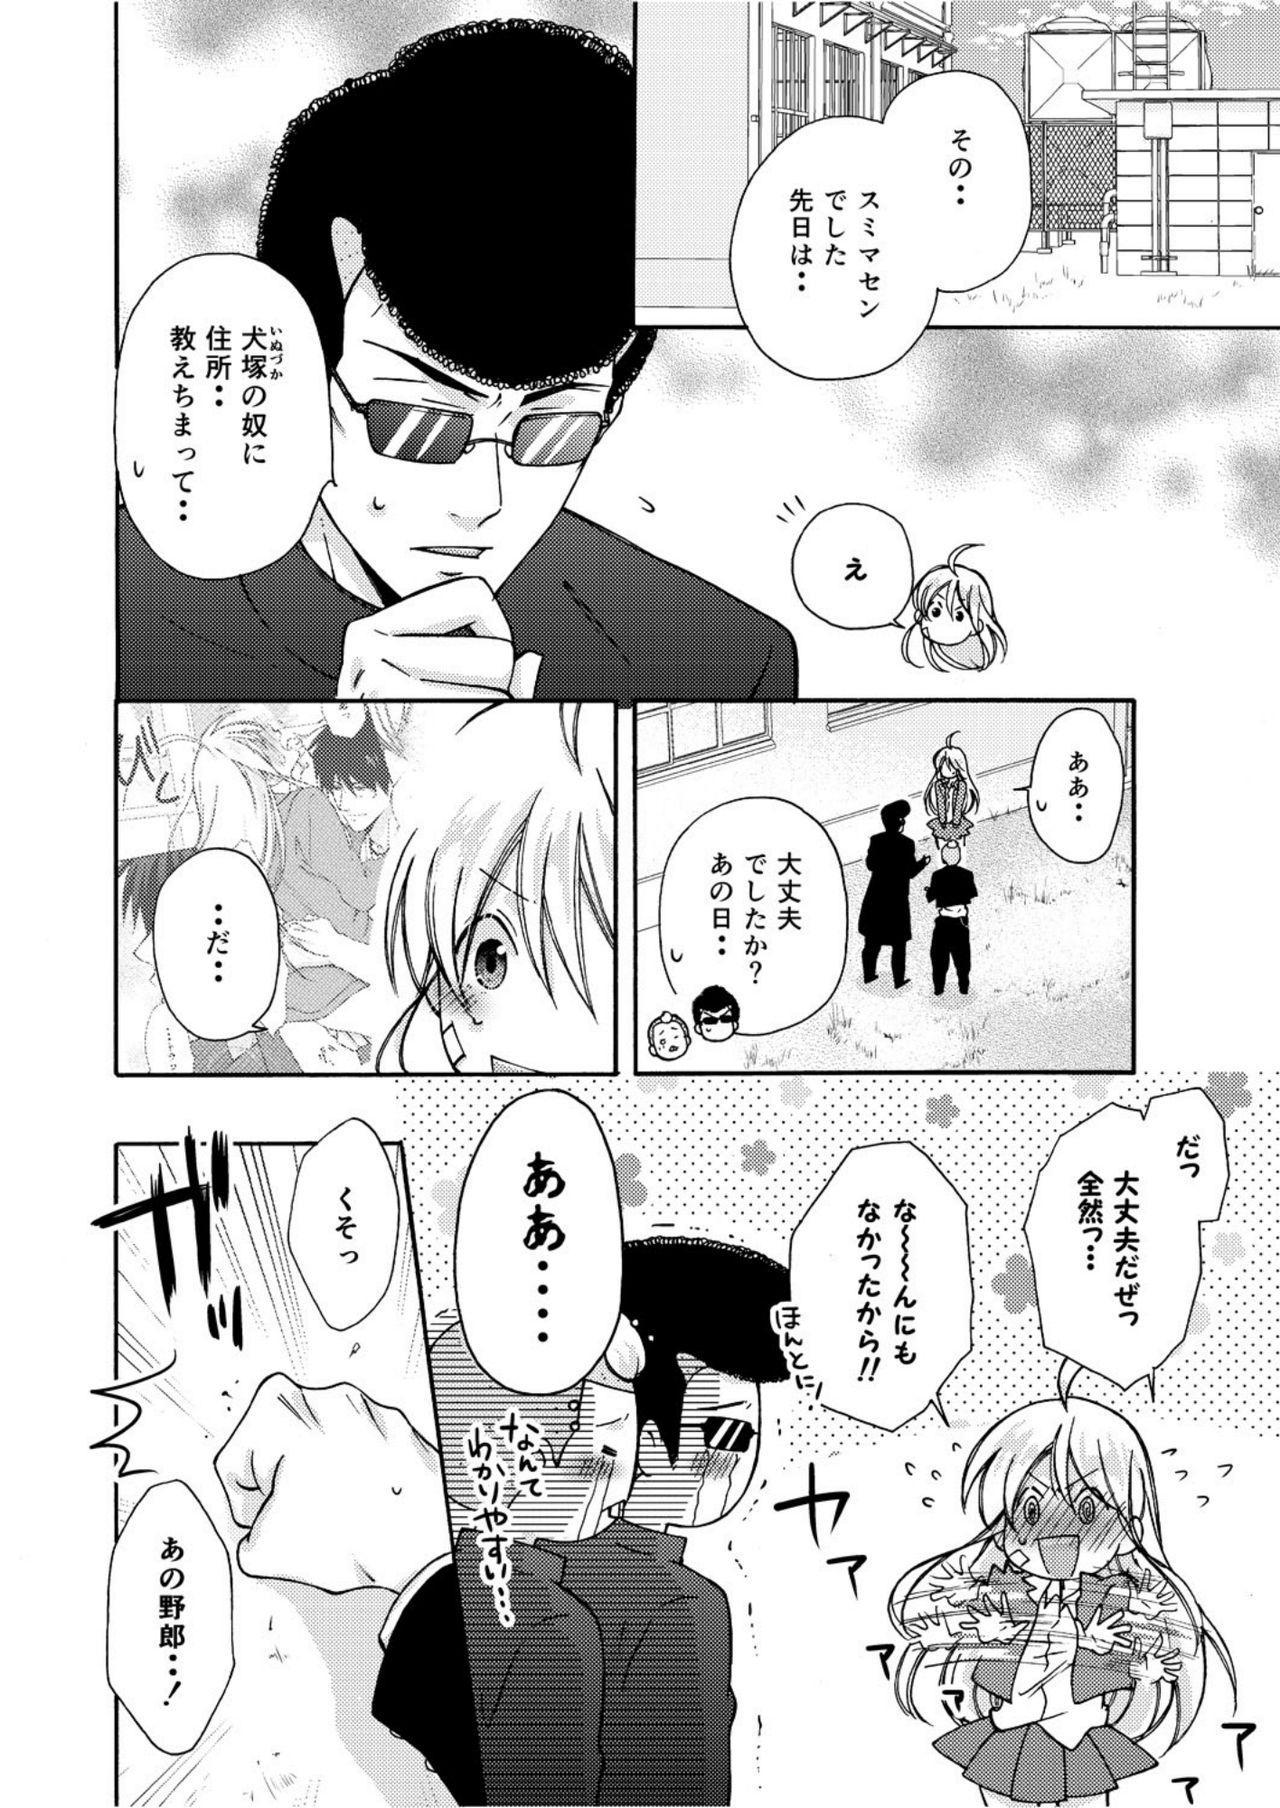 Nyotaika Yankee Gakuen ☆ Ore no Hajimete, Nerawaretemasu. 5 2